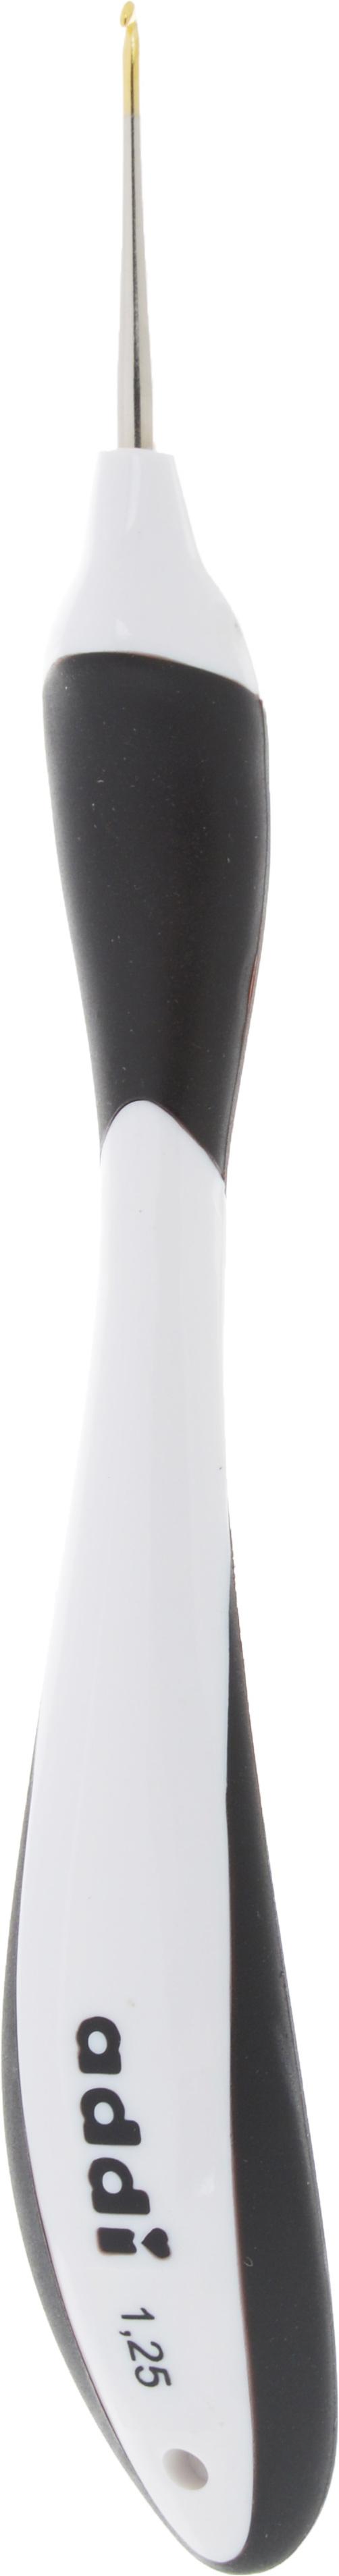 Крючок для вязания Addi Swing, с эргономичной ручкой, диаметр 1,25 мм, длина 16 см. 145-7145-7/1.25-16Крючок Addi Swing выполнен из высококачественного металла с золотистым наконечником. Он оснащен эргономичной прорезиненной пластиковой ручкой, которая позволяет делать короткие движения и не давит на руку. Это расслабляет ладонь, руку и плечо - идеально подходит для людей с артрозом. Дизайн ручки привлечет молодых вязальщиков и вязальщиц. Крючок Addi Swing прекрасно походит для хлопчатобумажных и льняных ниток. Вы сможете вязать для себя и делать подарки друзьям. Работа, сделанная своими руками, долго будет радовать вас и ваших близких.